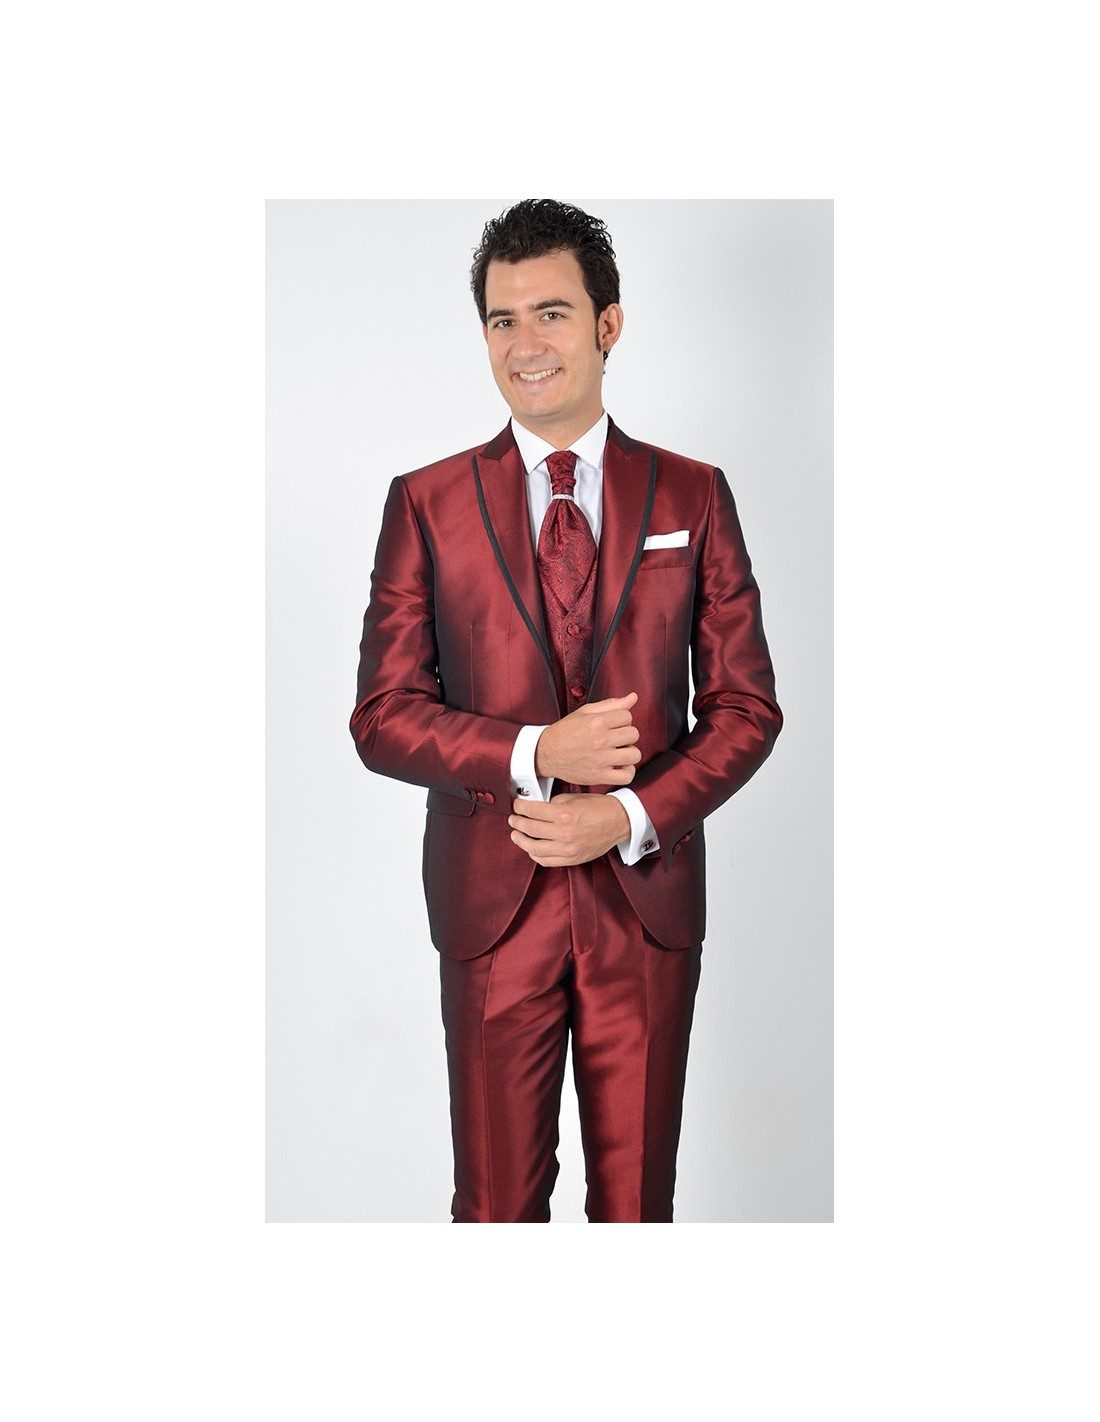 Vestito Matrimonio Uomo Rosso : Abito sposo rosso lucido